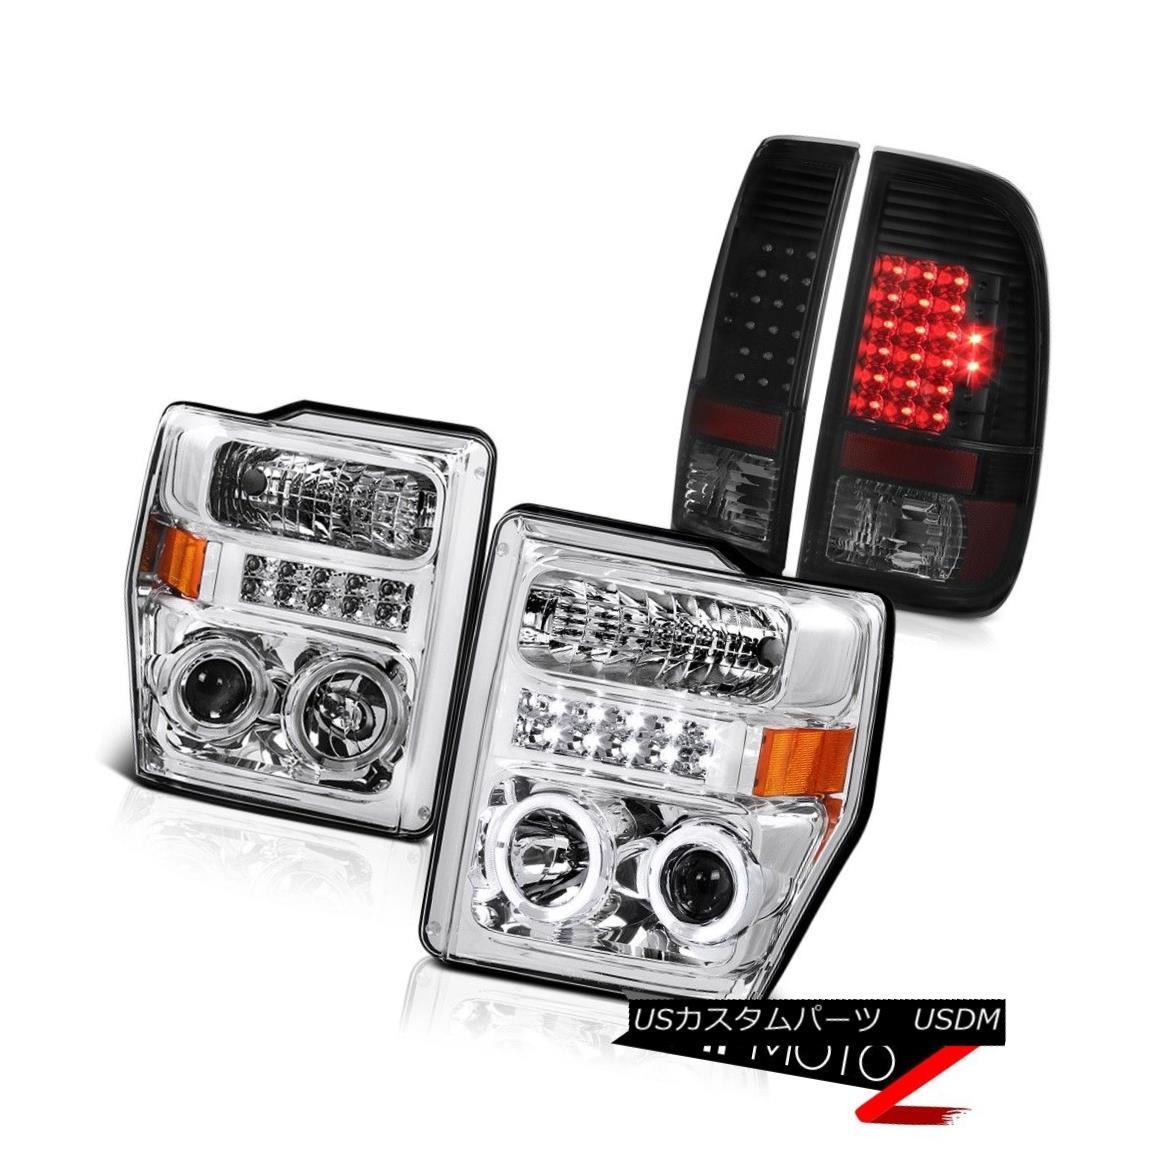 テールライト 2008-2010 Ford F250 F350 Dual Halo Projector Headlights LED Bulbs Taillights Set 2008-2010 Ford F250 F350デュアル・ハロー・プロジェクター・ヘッドライトLED電球曇りセット